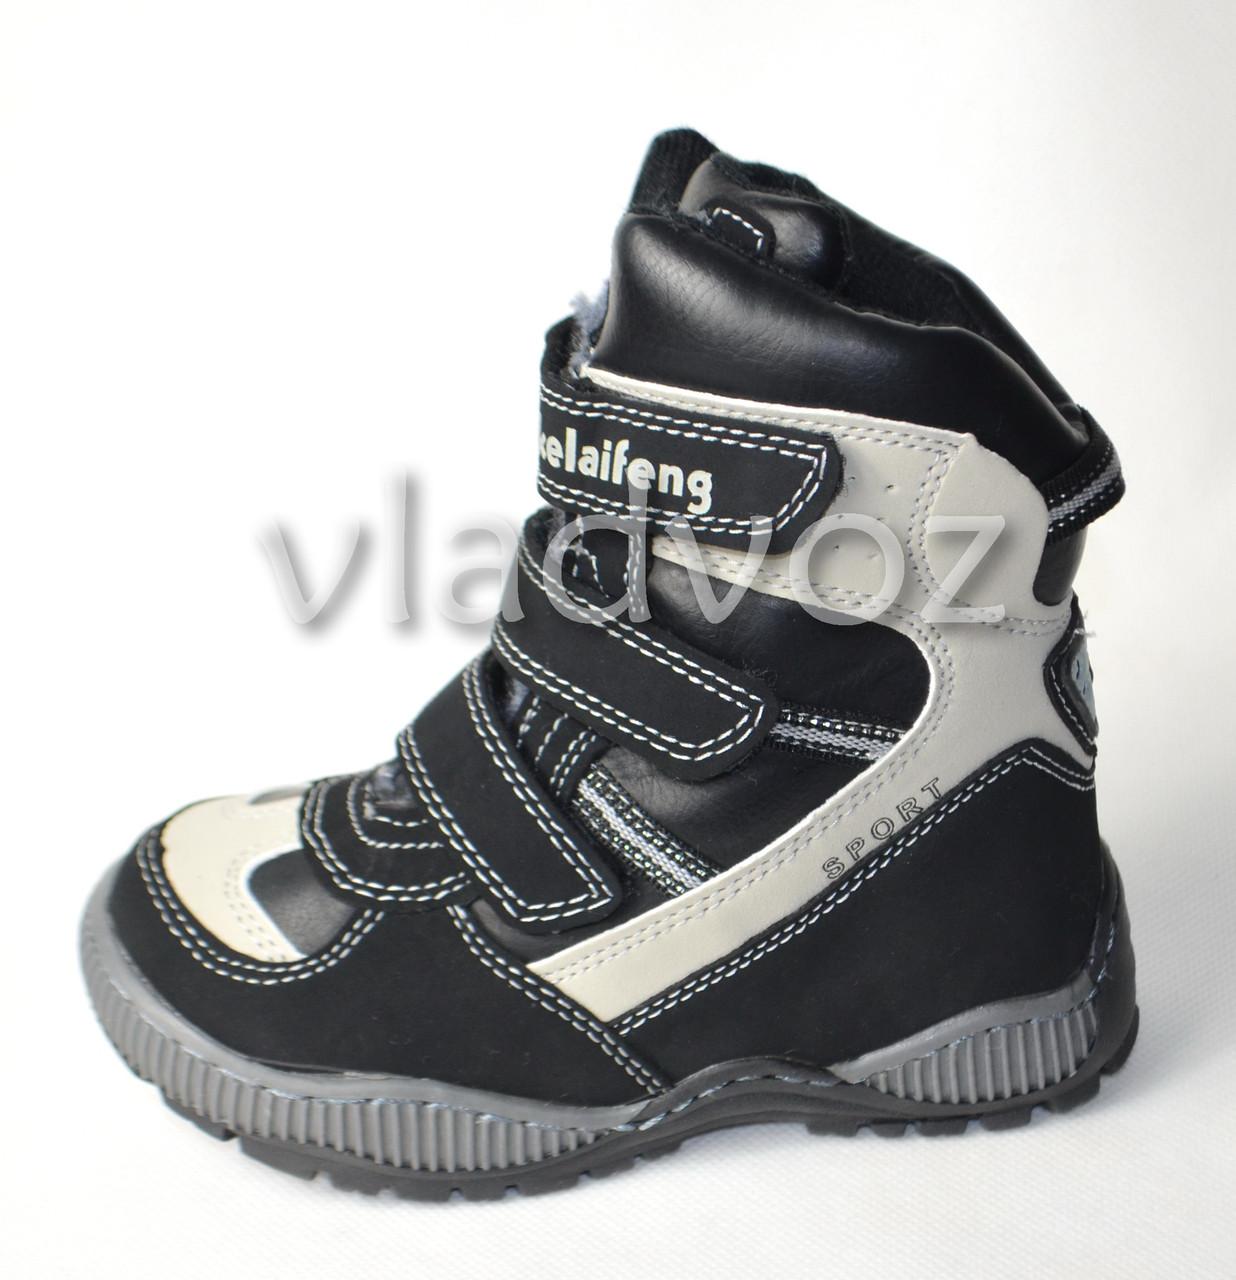 Зимние термо ботинки для мальчика сапоги Kellaifeng черный с бежевым 27р.